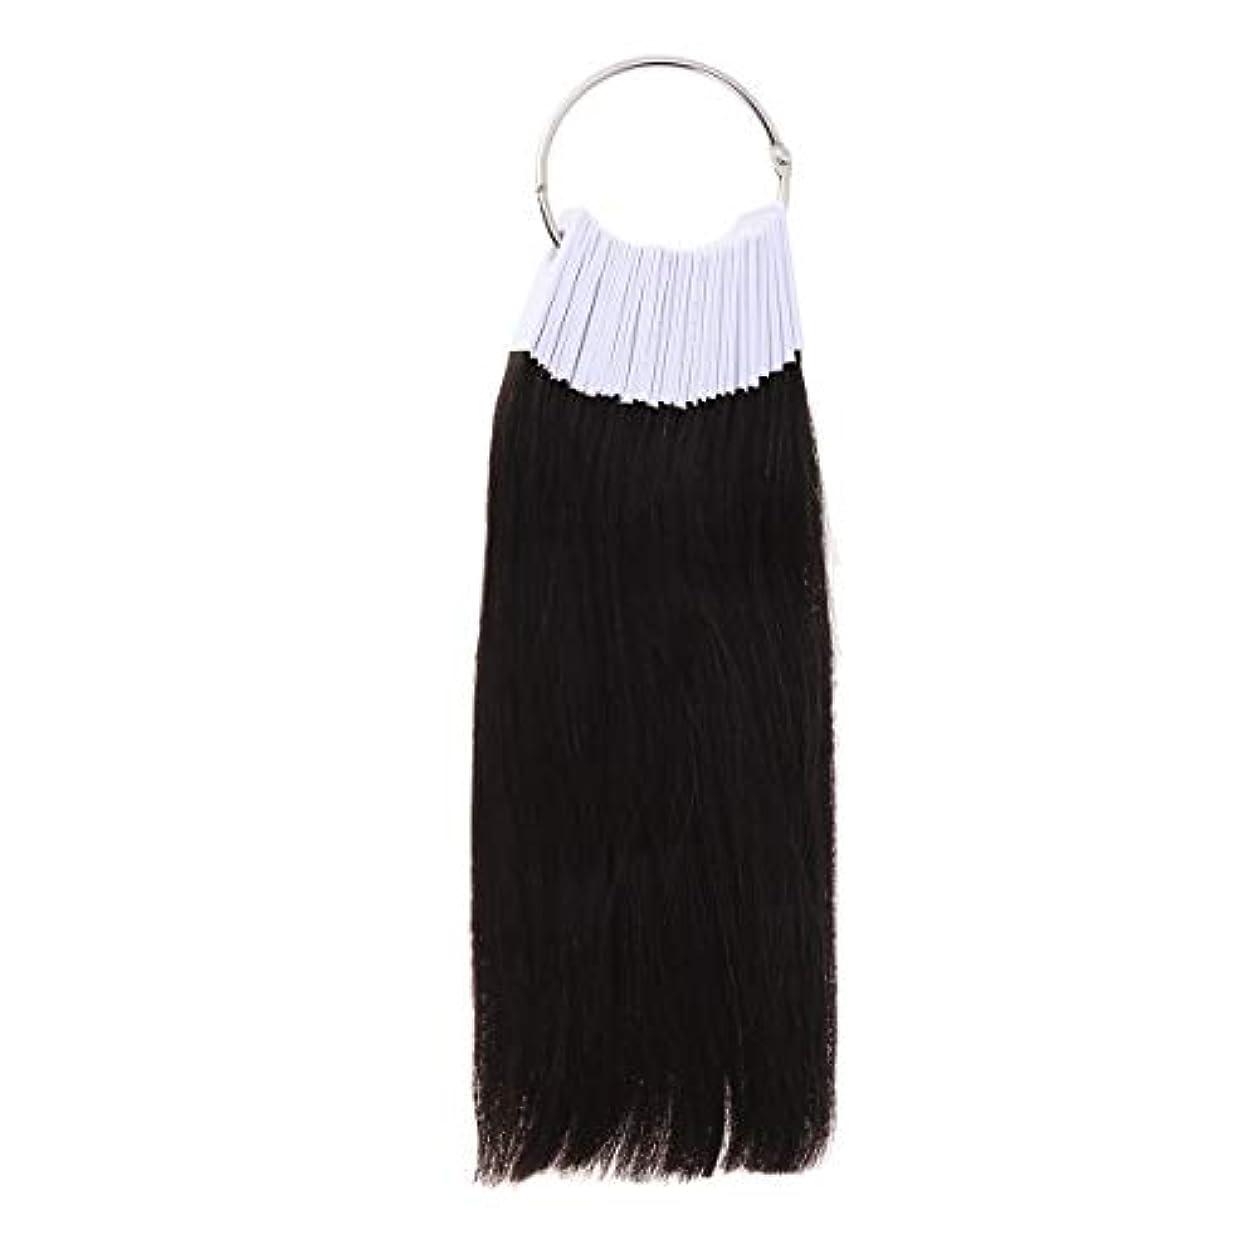 帰する阻害する本気LURROSE 30PCSヘアカラーリング人間の髪の色見本サロン用カラーサンプル(9度色)